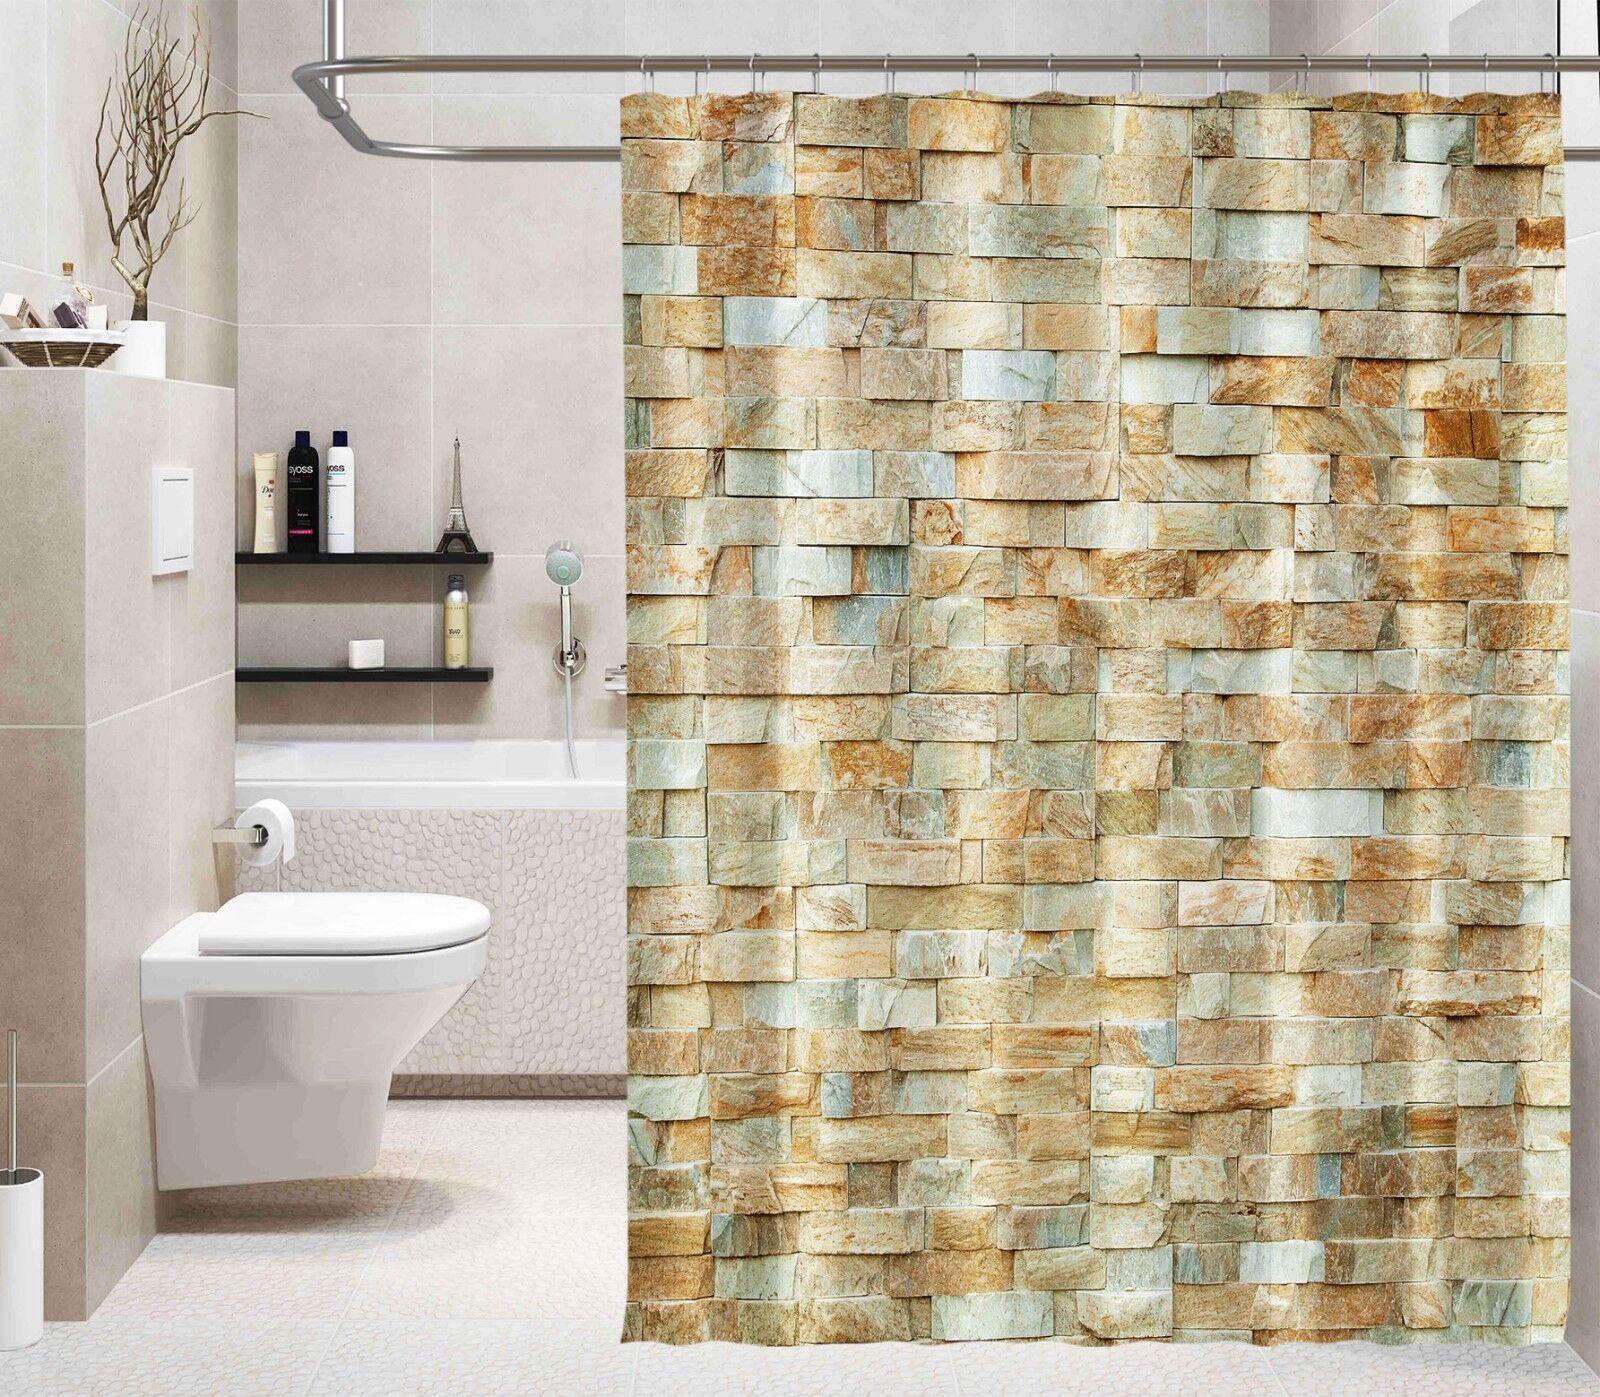 3D Ziegelstein 23 Duschvorhang Wasserdicht Faser Bad Daheim Windows Toilette DE | Elegant Und Würdevoll  | Deutschland Berlin